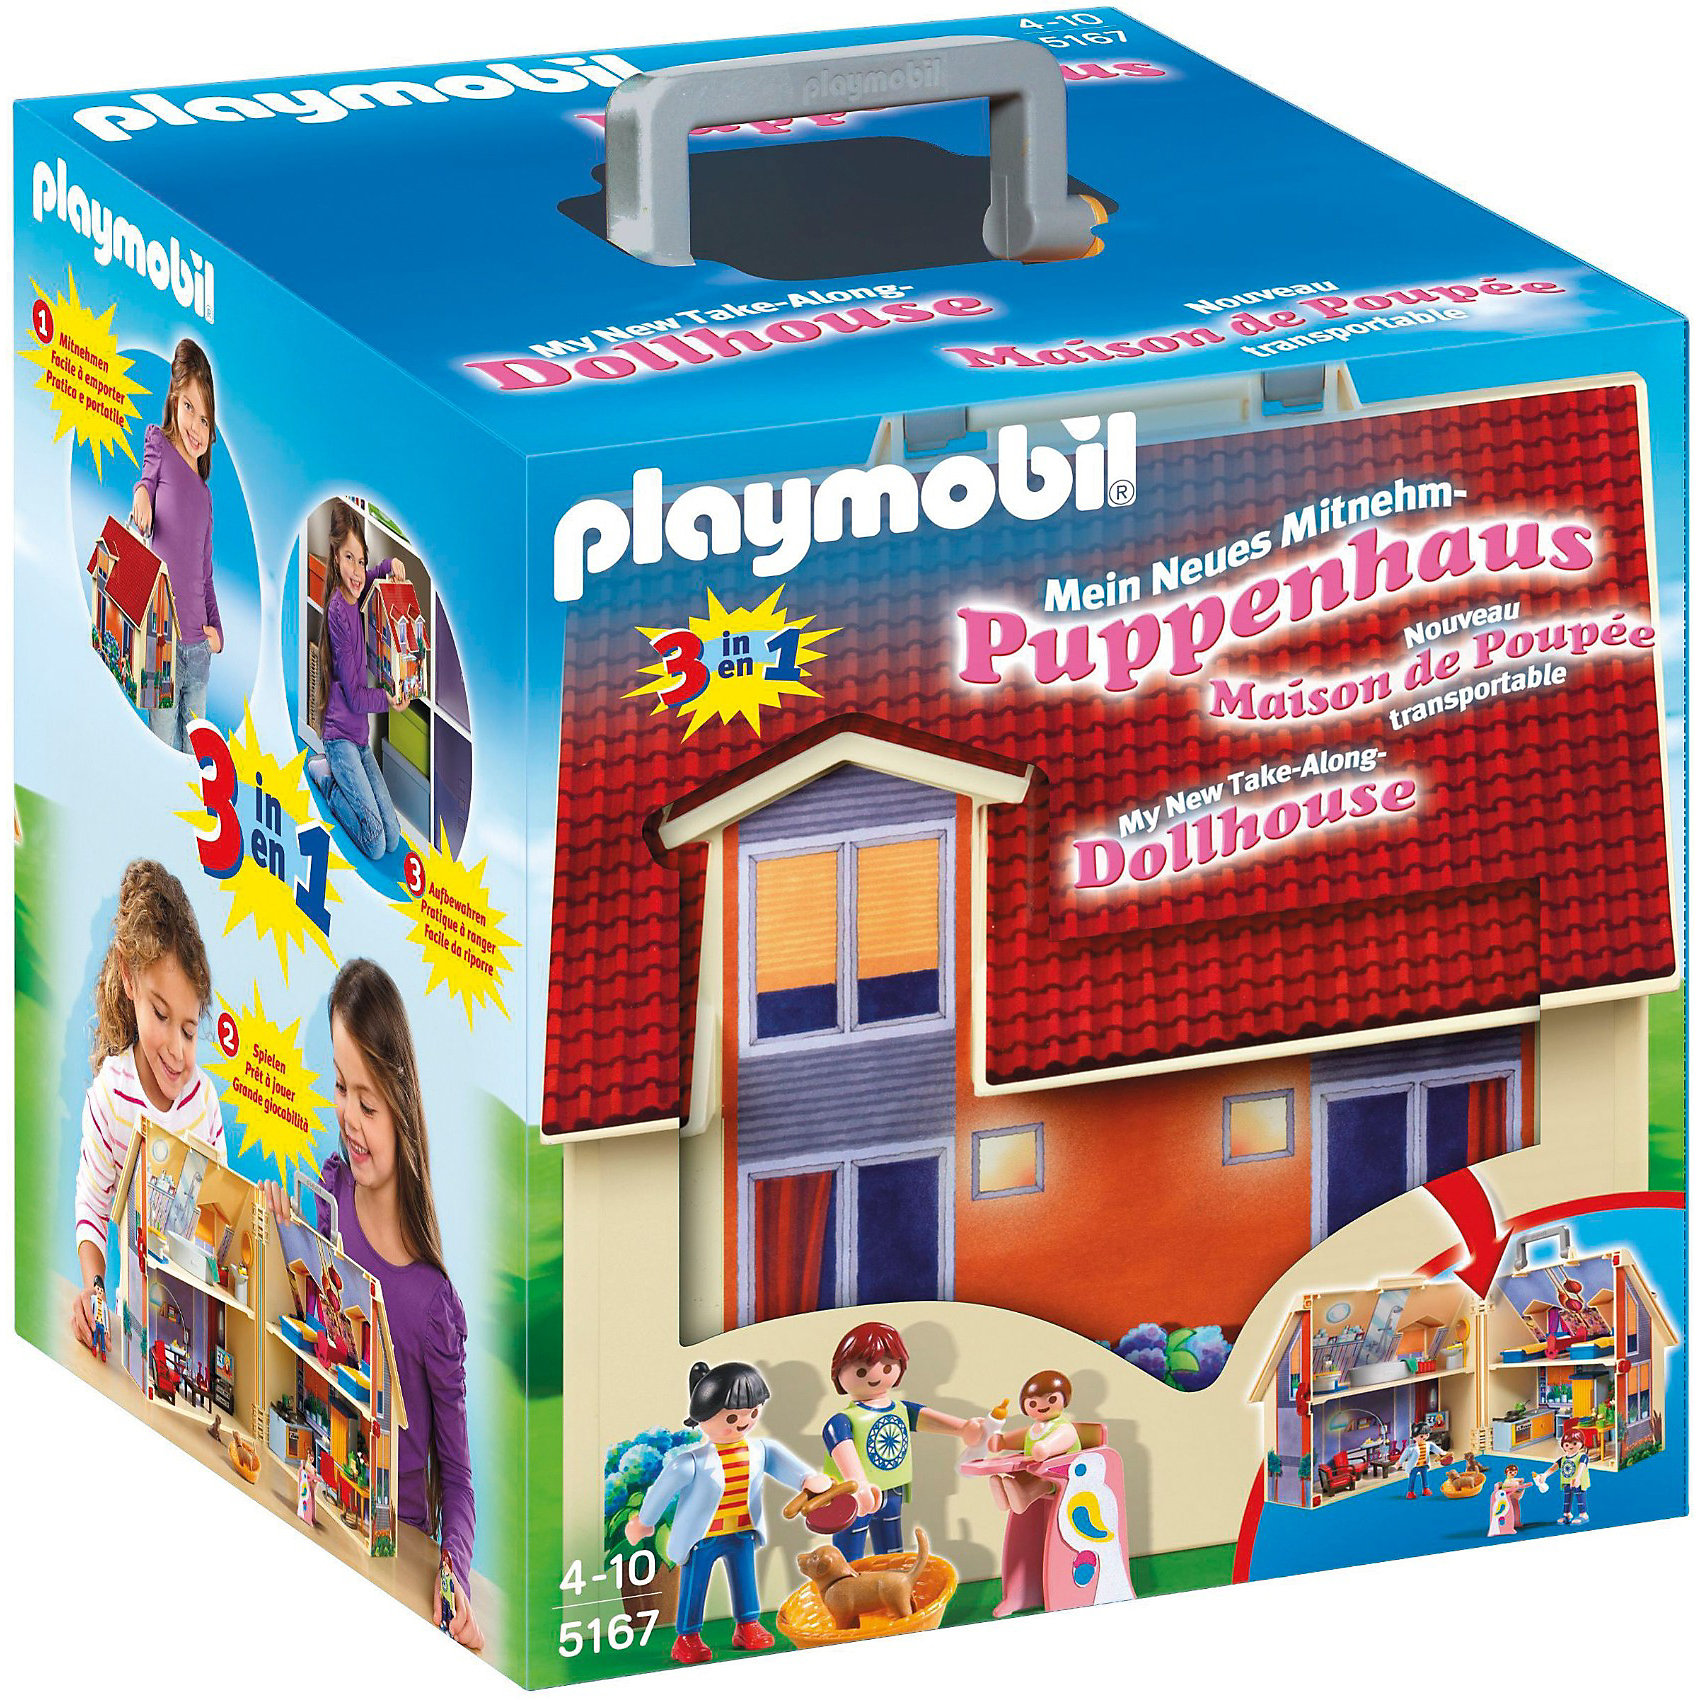 Возьми с собой: Кукольный дом, PLAYMOBILПластмассовые конструкторы<br>Набор Кукольный дом приведет в восторг любую девочку! В этом уютном двухэтажном домике есть все необходимое: кухня, гостиная, спальная комната, ванная комната. Множество реалистично выполненных вещей и аксессуаров сделают игру ребенка интересной и увлекательной. Также в комплекте вы найдете фигурки взрослых, фигурку ребенка и двух собак. Домик легко собирается и дополнен удобной ручкой для переноски, так что ребенок сможет брать его с собой на прогулку, в поездку или в гости. Все детали набора прекрасно проработаны, выполнены из высококачественного пластика. Играть с таким домом не только приятно и интересно - подобные виды игры развивают мелкую моторику, воображение, творческое мышление.<br><br>Дополнительная информация:<br><br>- Комплектация: кукольный домик, две фигурки взрослого человека, одна фигурка маленького человека, два щенка, домашние принадлежности (две сковородки, две зелёные тарелки, одна синяя тарелка, две корзины, фен, детская бутылочка с молоком, три зелёные чашки, одна жёлтая чашка, тапочки, ваза с цветами, два жёлтых полотенца, одно зелёное полотенце, четыре ножика, четыре вилки, два бокала, кетчуп, две зубные щётки, тюбик и щётка), мебель (холодильник, раковина с плитой. стол, два стула, детский столик, детская кроватка, две взрослые кроватки, туалет, ванна, раковина, телевизор, тумбочка, журнальный столик и два кресла).<br>- Материал: пластик.<br>- 3 фигурки в комплекте: 2 взрослых, 1 ребенок.<br>- Размер упаковки: 27 х 24 х 29 см.<br>- Размер дома: 25х26 см.<br>- Высота фигурки взрослого: 7,5 см. <br>- Голова, руки, ноги у фигурок подвижные.<br><br>PLAYMOBIL  (Плеймобил) Возьми с собой: Кукольный дом можно купить в нашем магазине.<br><br>Ширина мм: 250<br>Глубина мм: 276<br>Высота мм: 297<br>Вес г: 1560<br>Возраст от месяцев: 48<br>Возраст до месяцев: 120<br>Пол: Женский<br>Возраст: Детский<br>SKU: 2435592